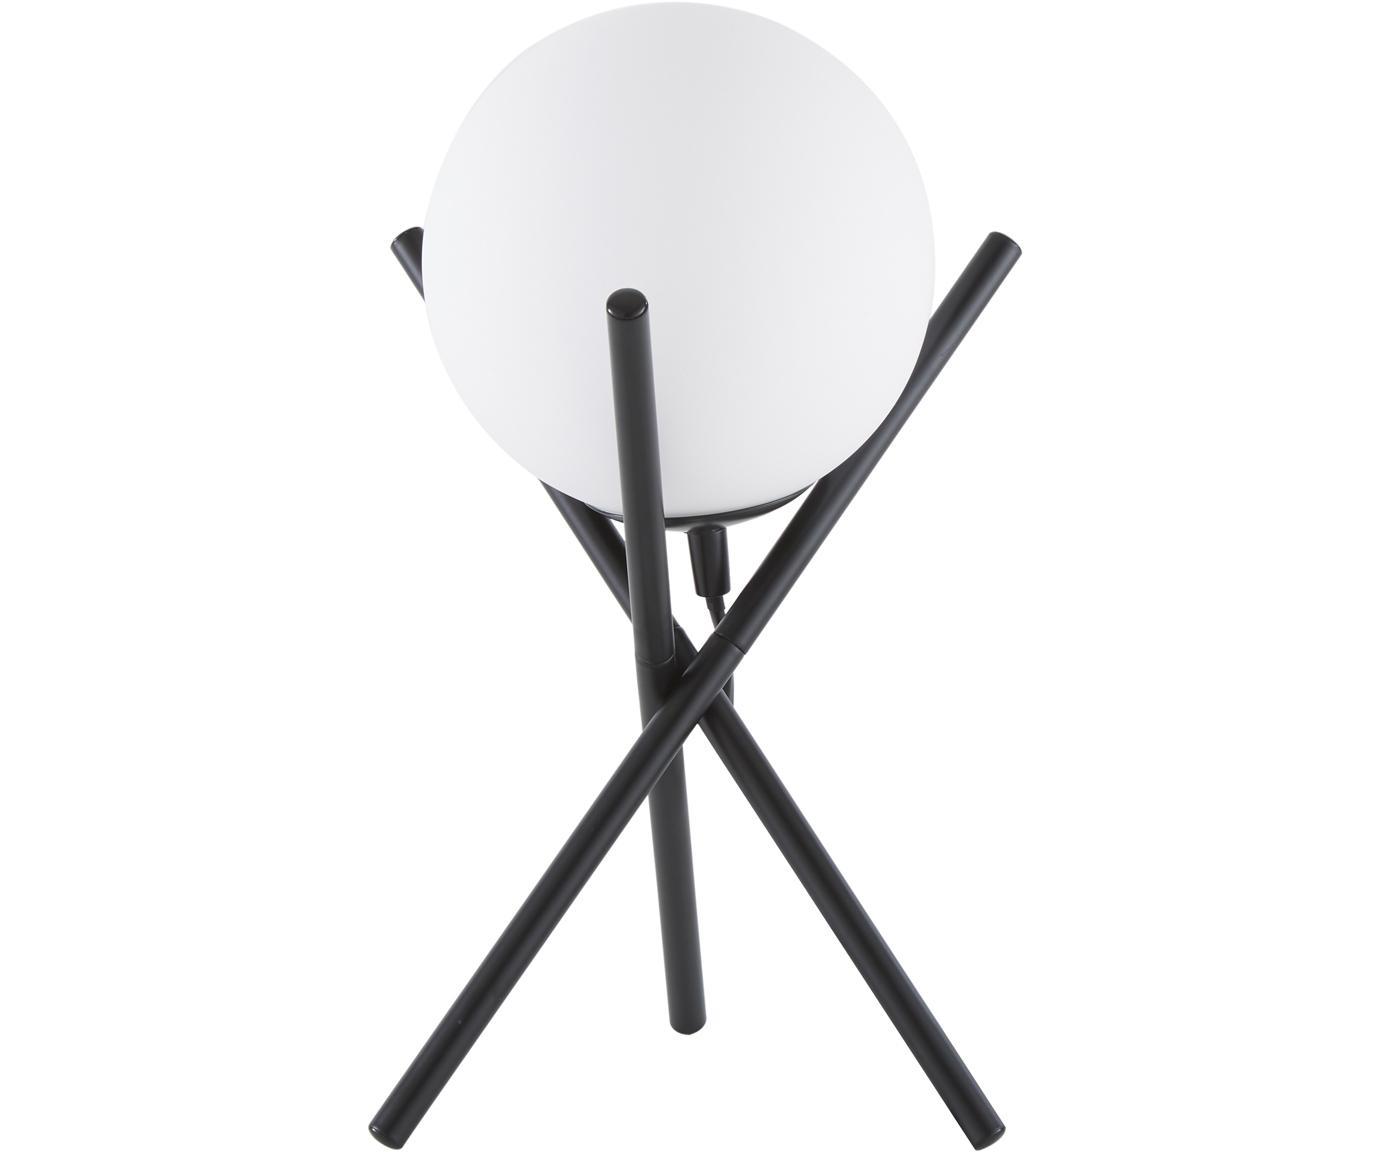 Tripod Tischlampe Erik mit Glasschirm, Lampenschirm: Glas, Lampenfuß: Metall, pulverbeschichtet, Weiß, Schwarz, Ø 15 x H 33 cm